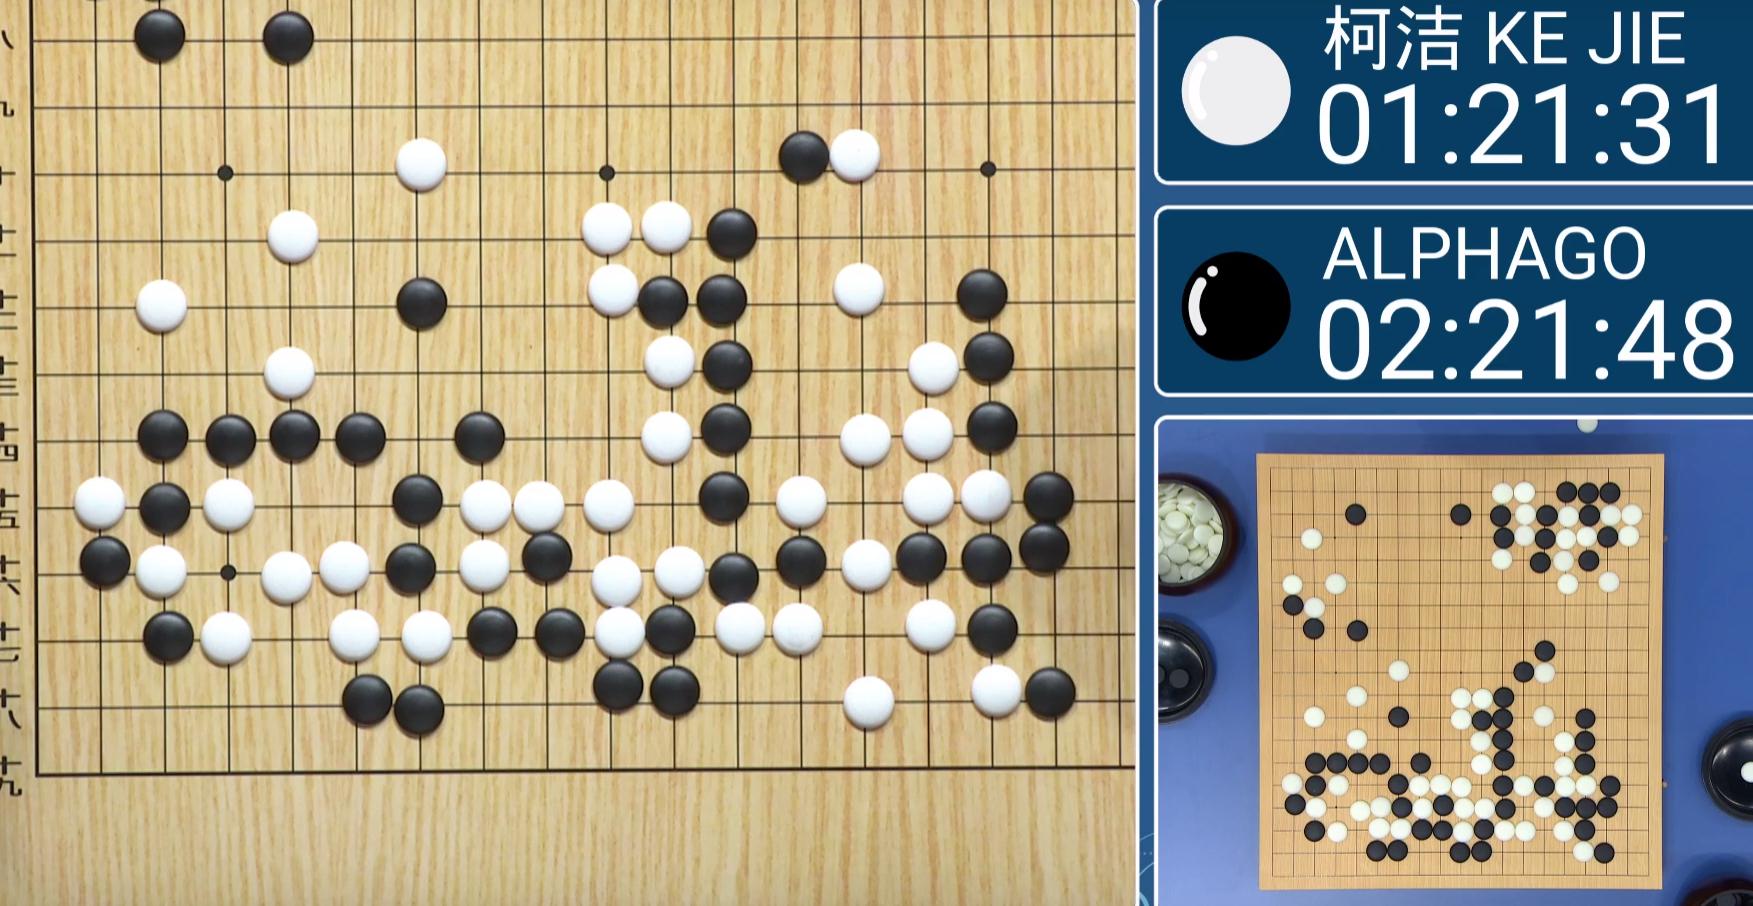 Go er et svært avansert brettspill som krever mye strategi.